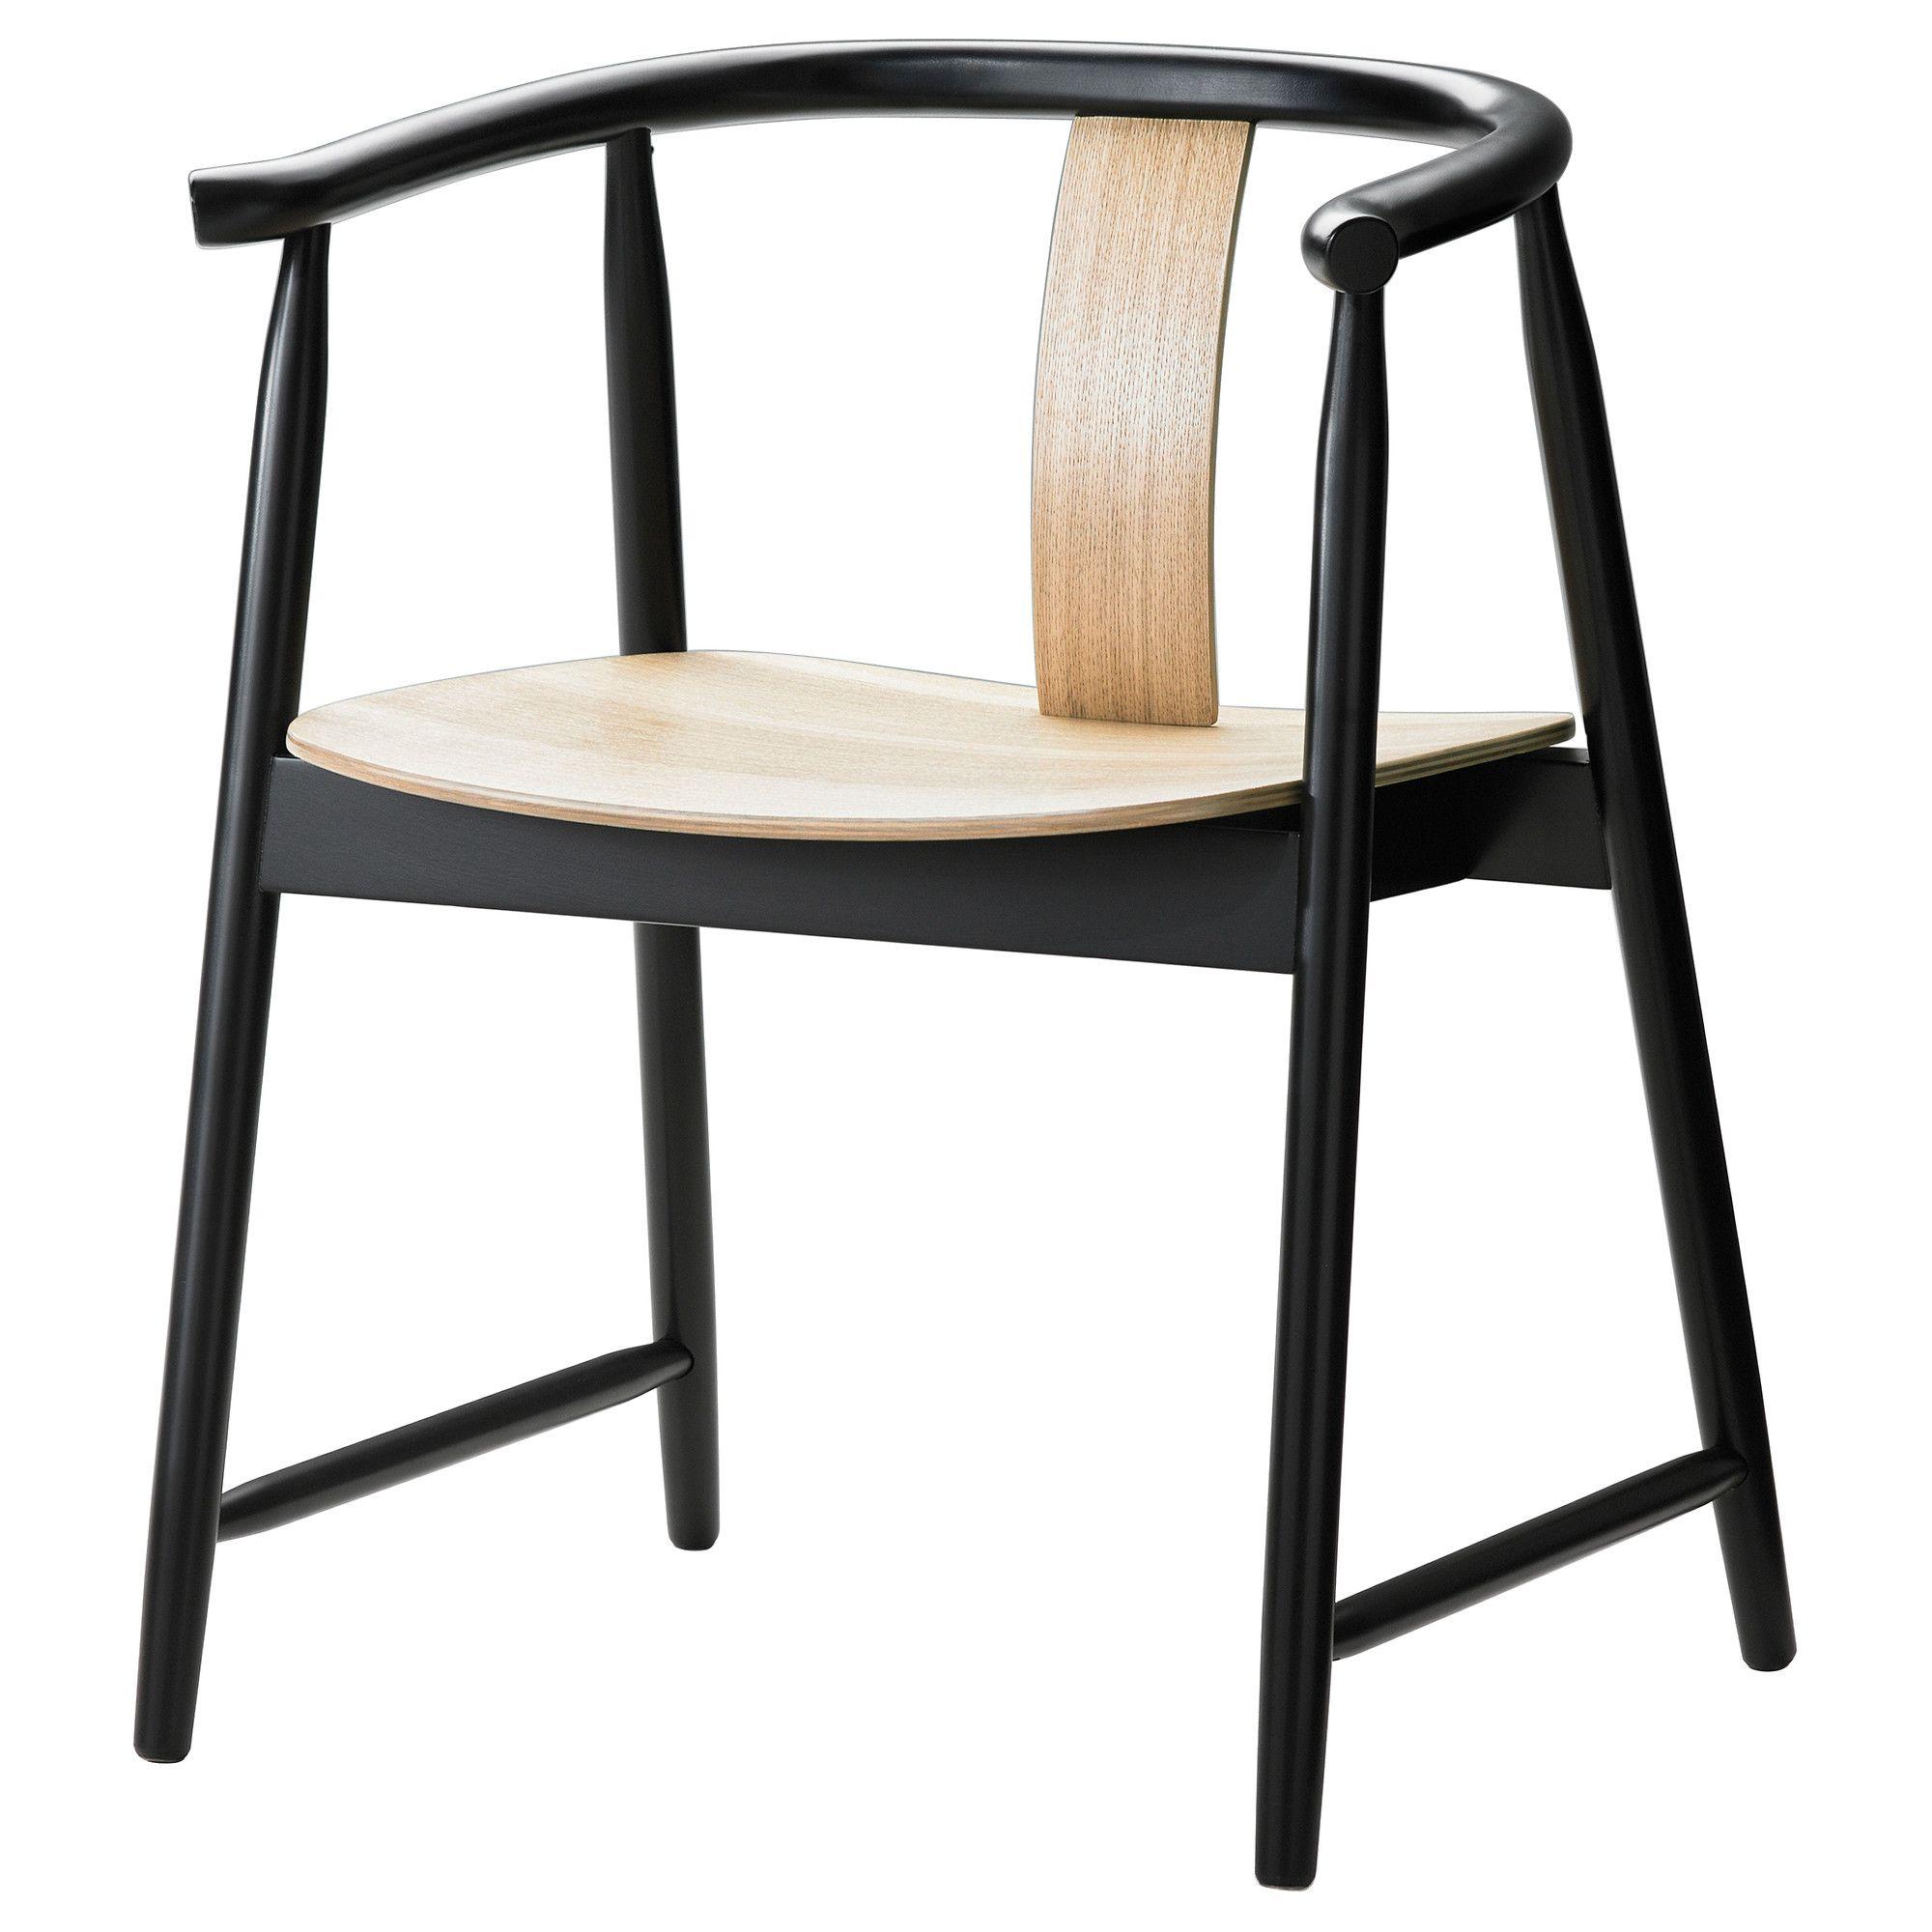 Trendig 2013 armleunstoel ikea 59 met een stoel - Armlehnstuhl ikea ...